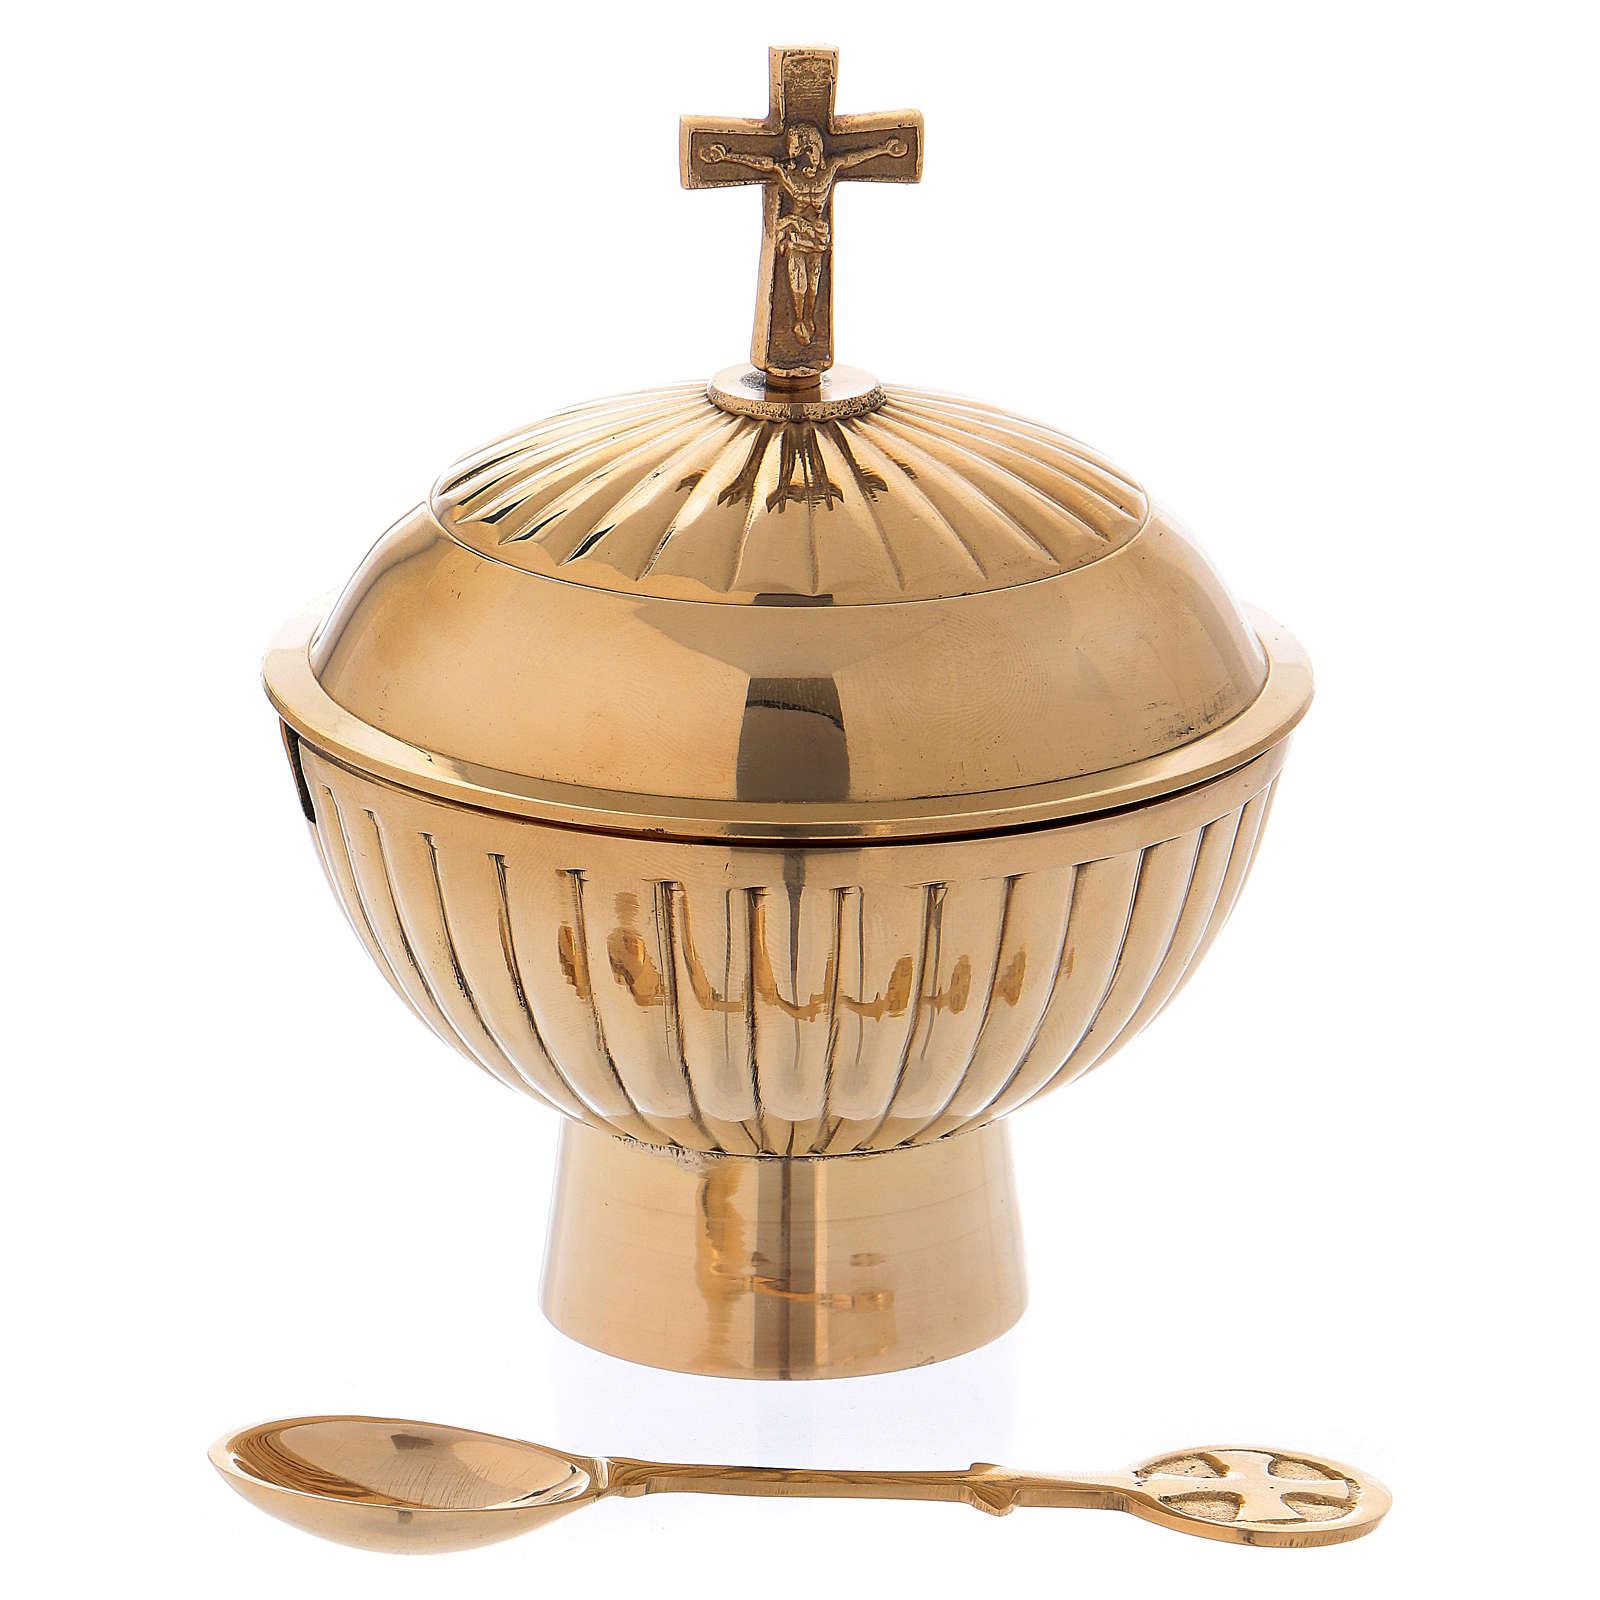 Łódka liturgiczna z mosiądzu pozłacana z krzyżem h 12 cm 3